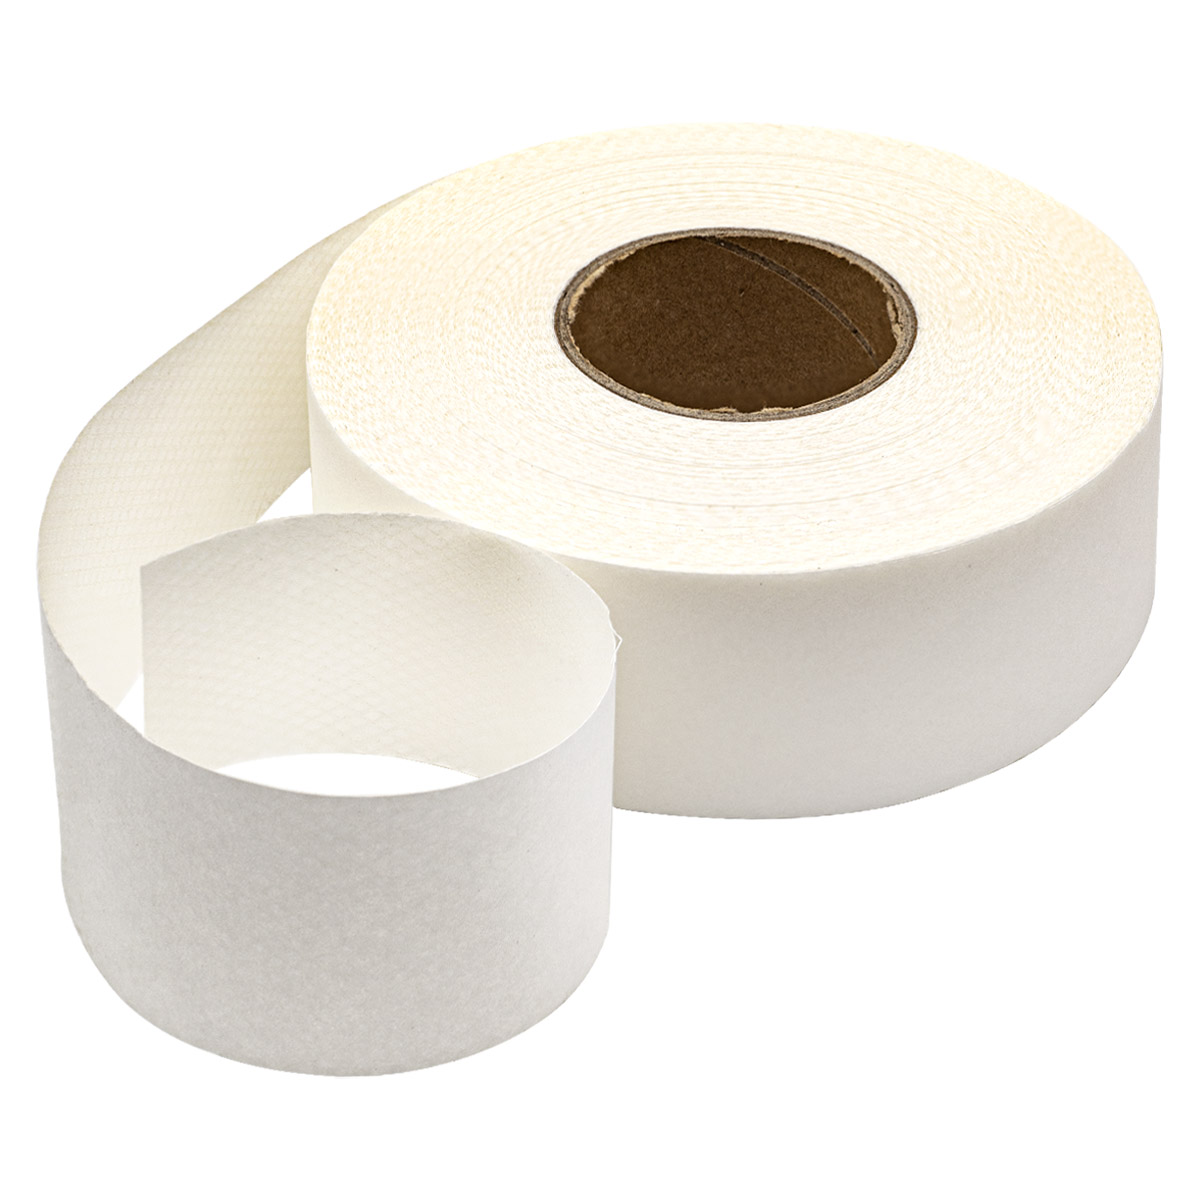 Паутинка на бумаге 40мм*50м 0531-1001, белая